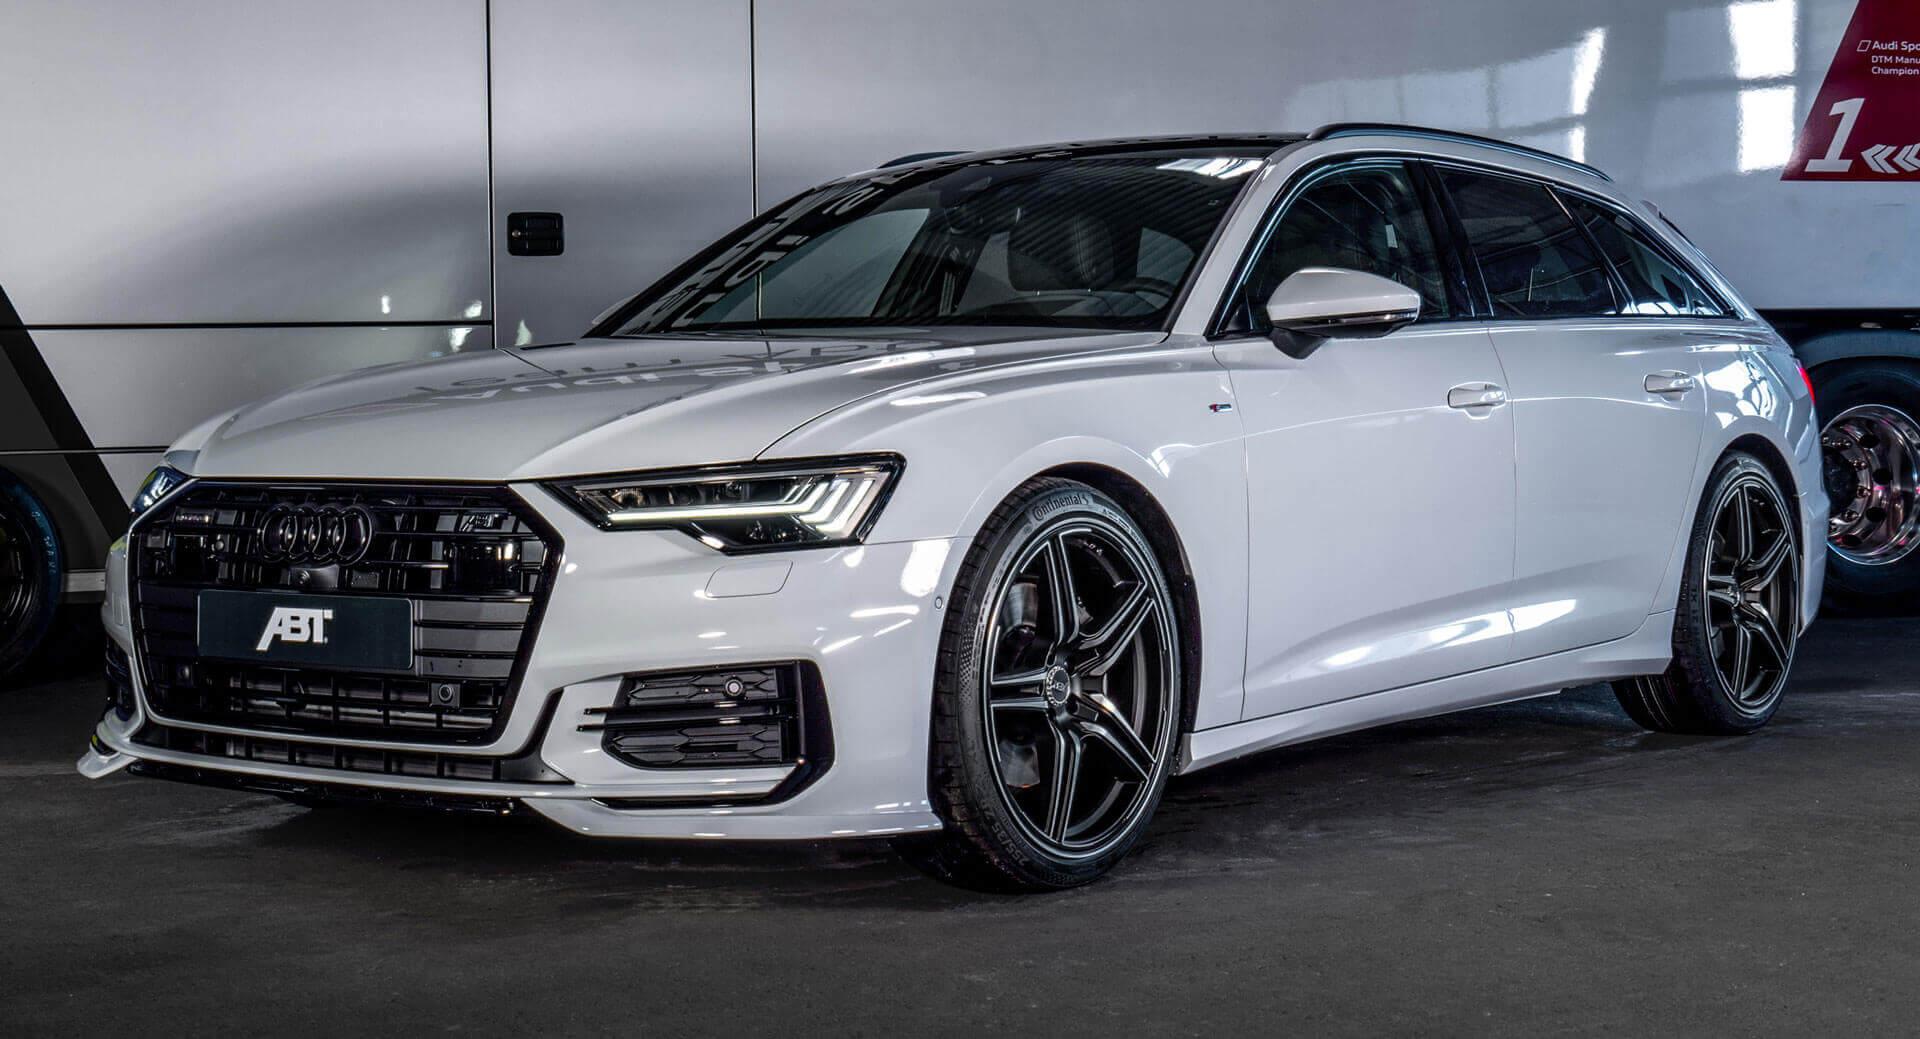 Glacier White Audi A6 Avant 3.0L Diesel Gets 325 HP ...